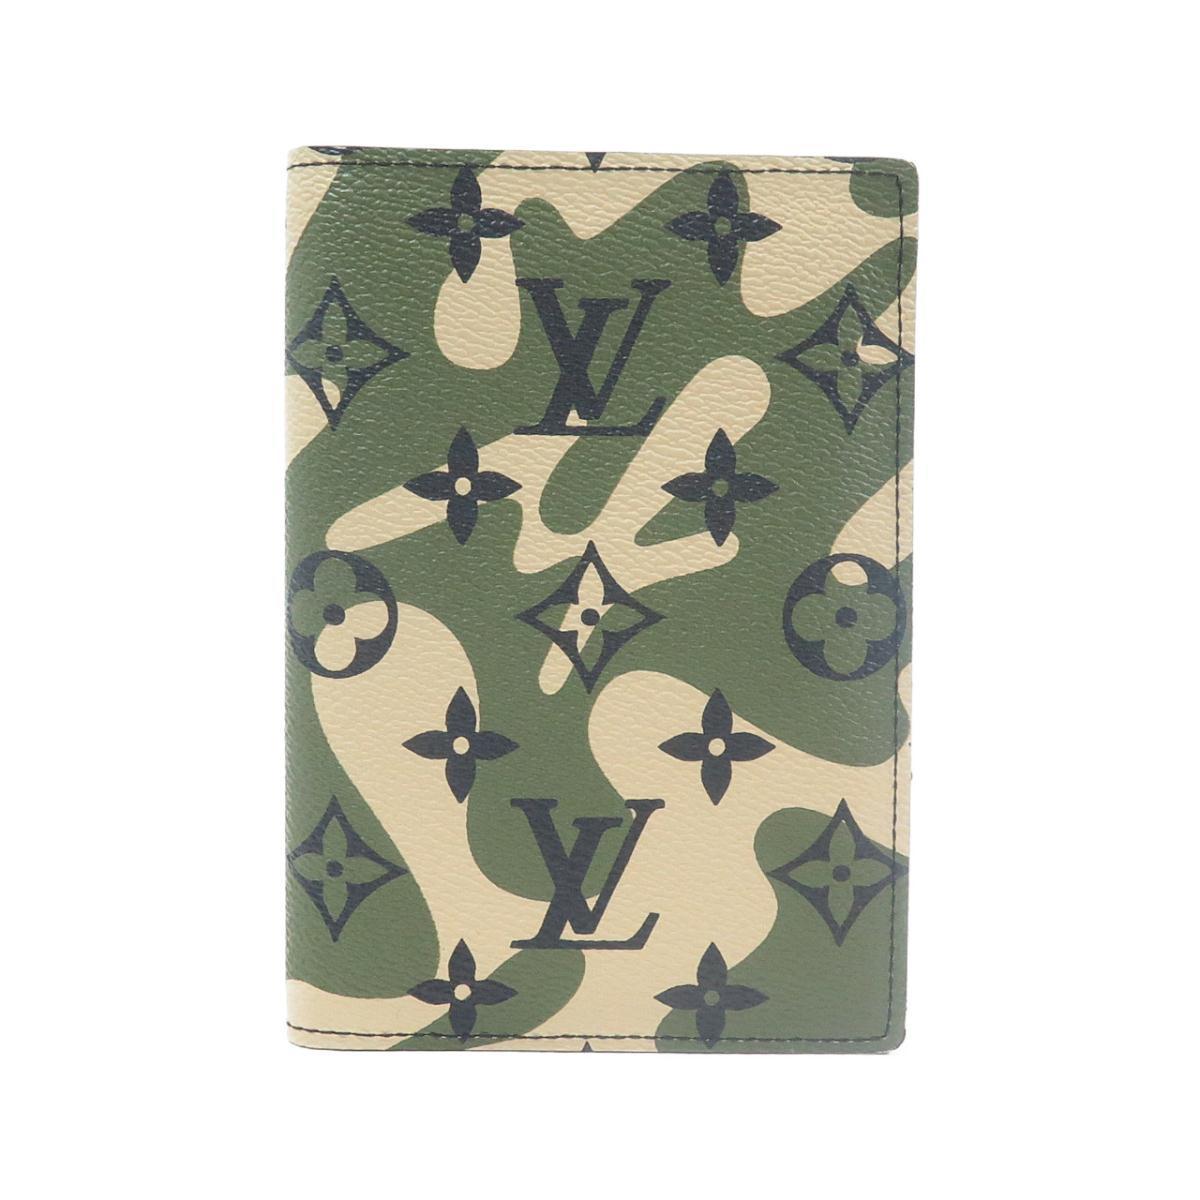 バッグ・小物・ブランド雑貨, その他  M58027